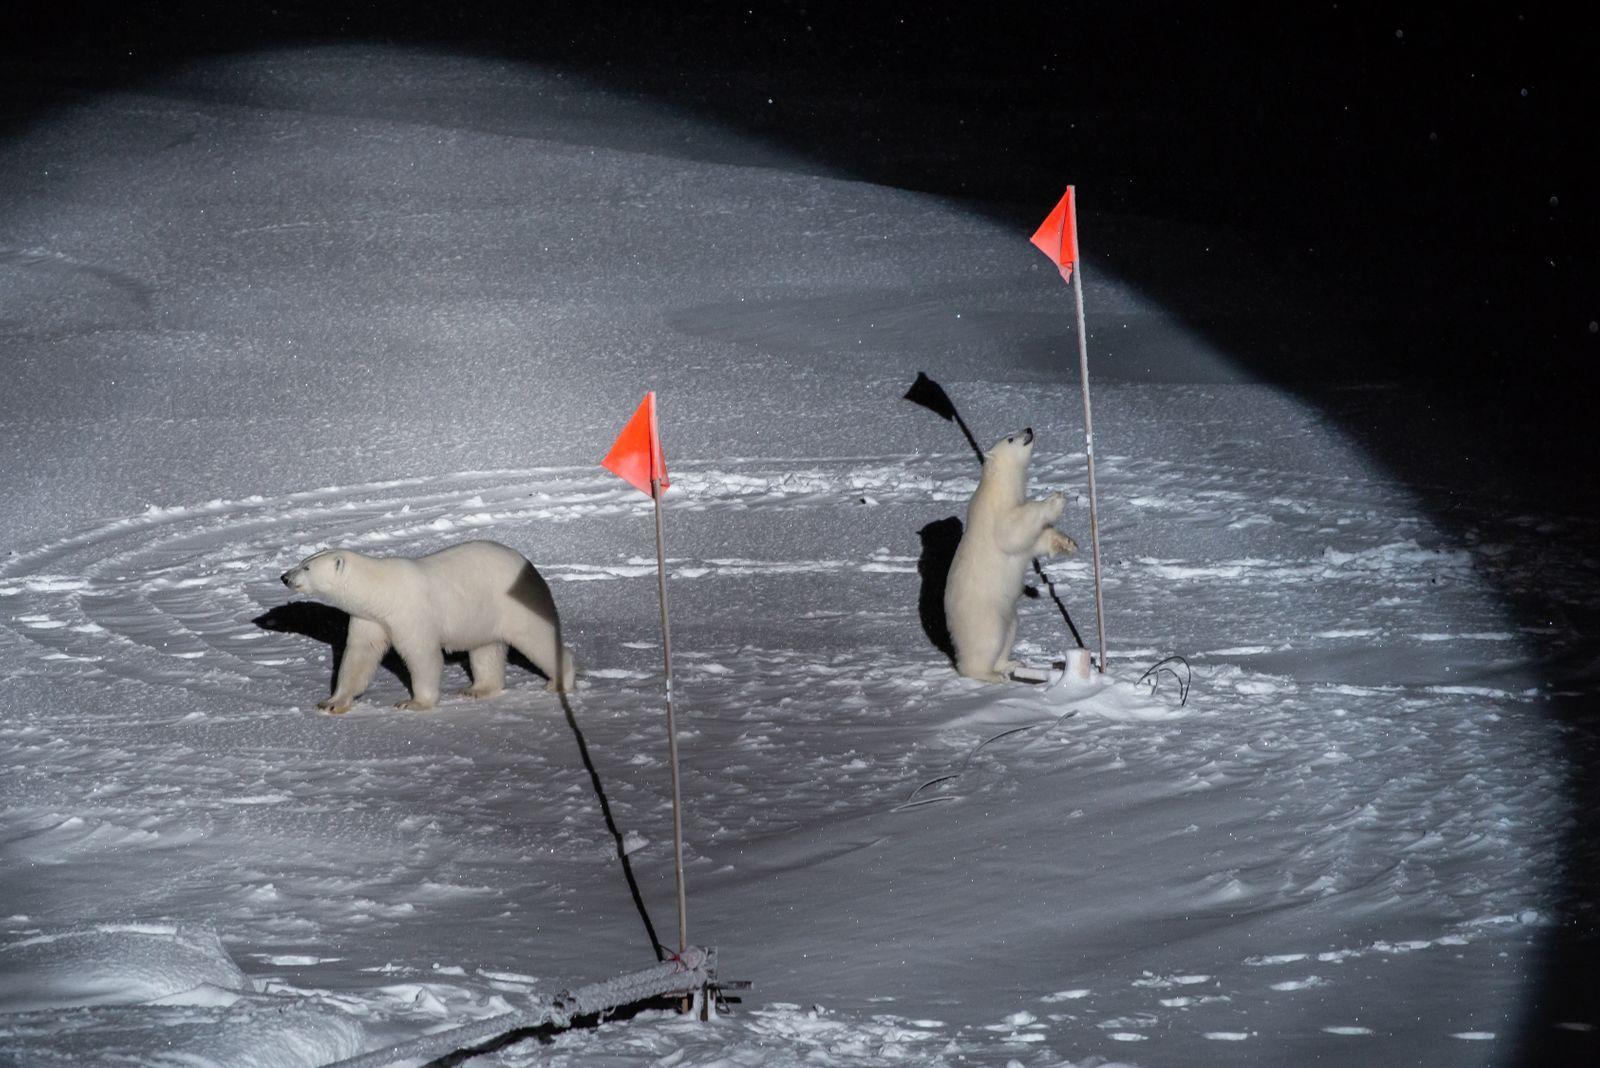 Preisgekrönt: Eisbären inspizieren eine Forschungsstation der Mosaic-Expedition. Für das Foto wurde Horvath mit dem World Press Photo Award in der Kategorie »Umwelt« ausgezeichnet Foto:Esther Horvath